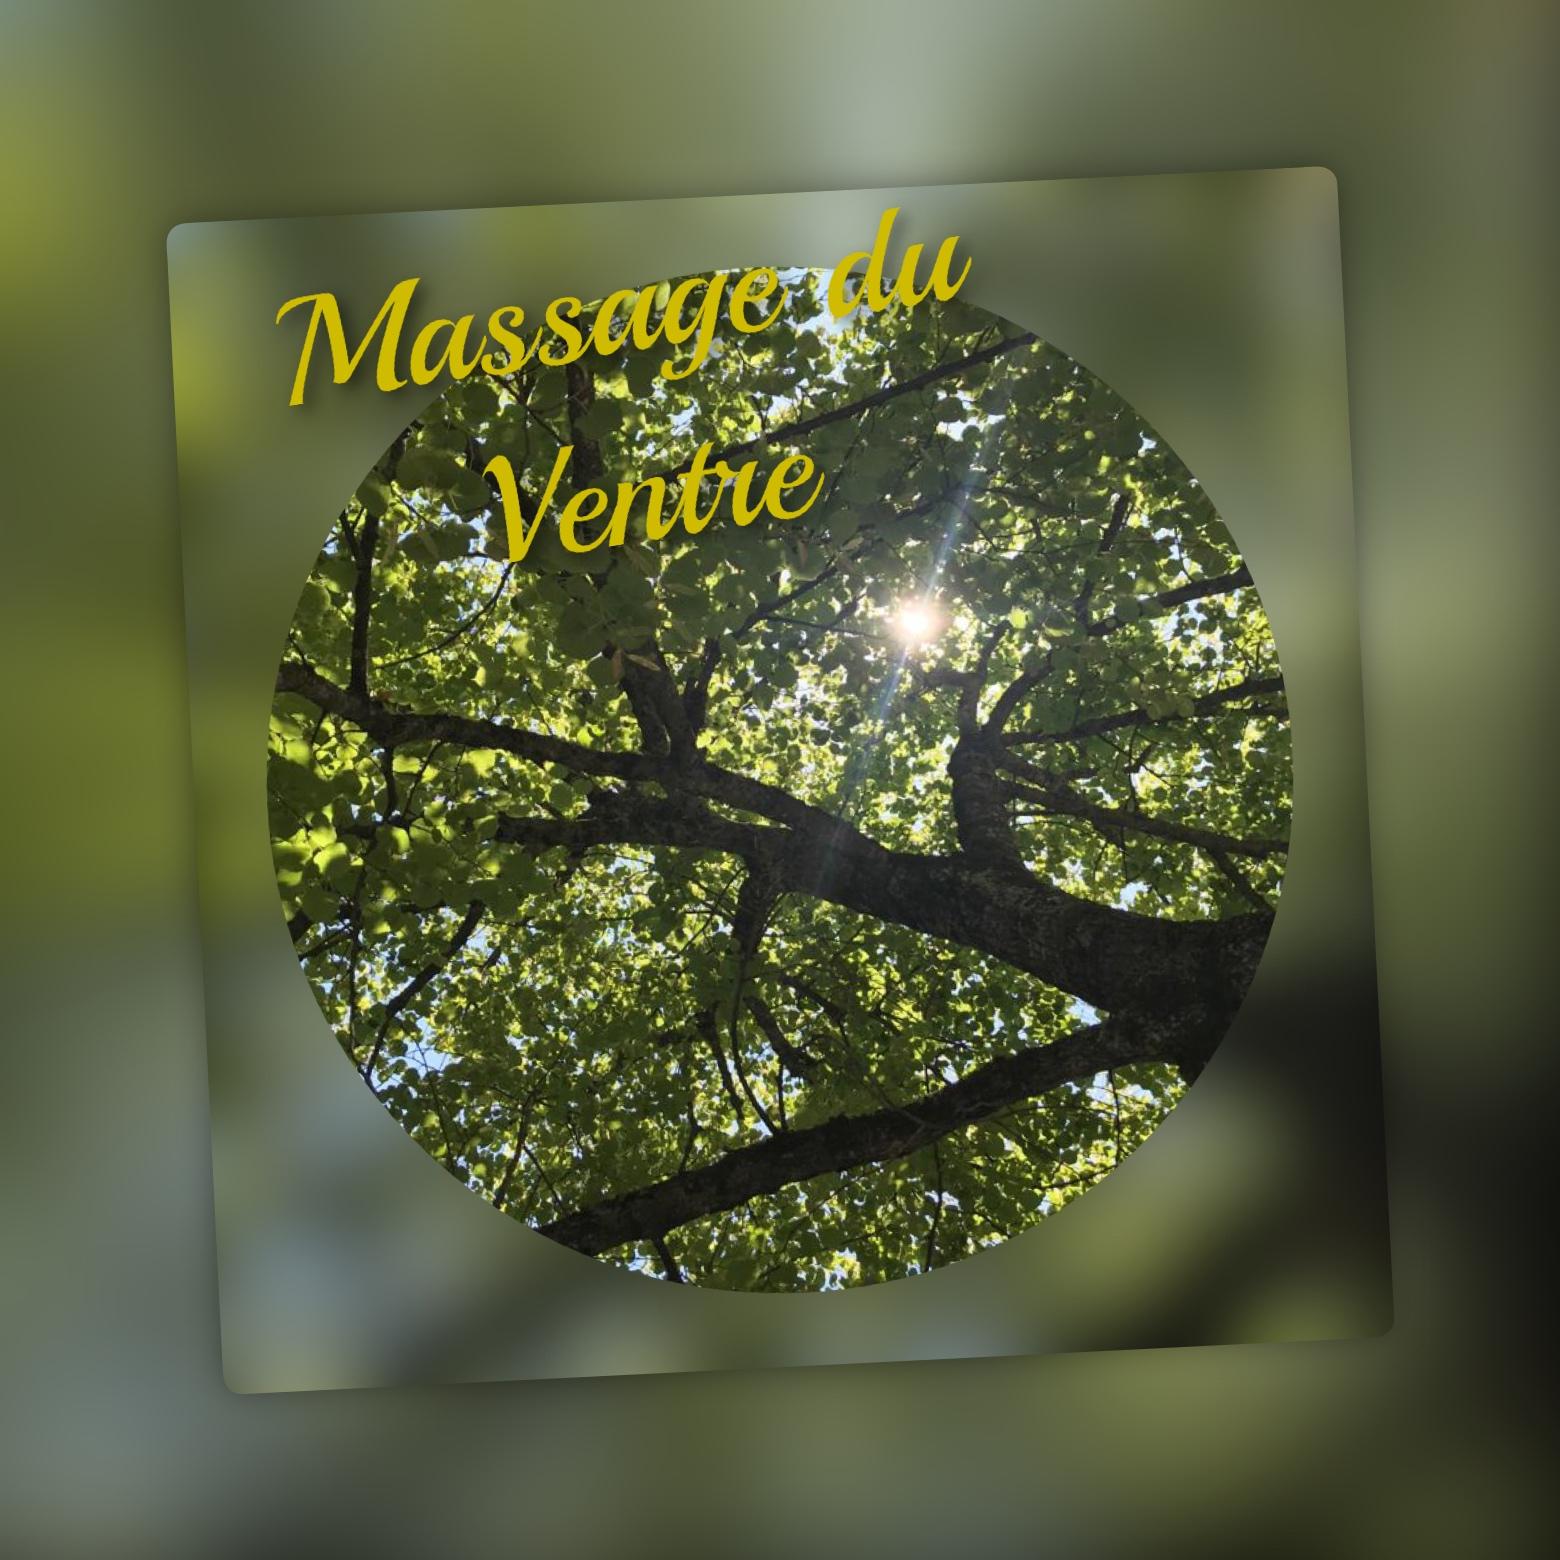 image massage du ventre l'Heure Passagère